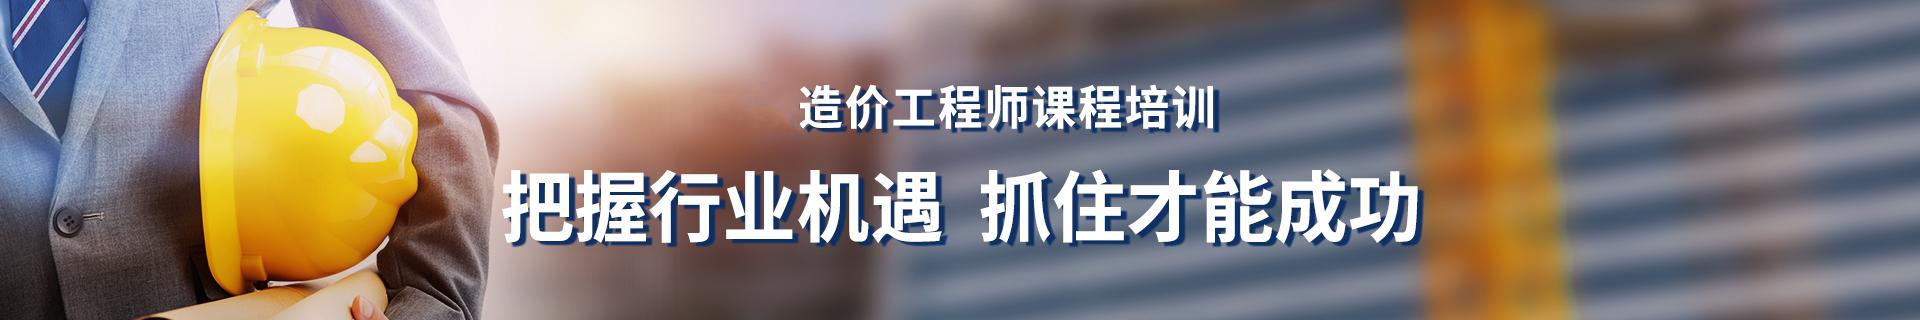 陕西西安优路教育培训学校